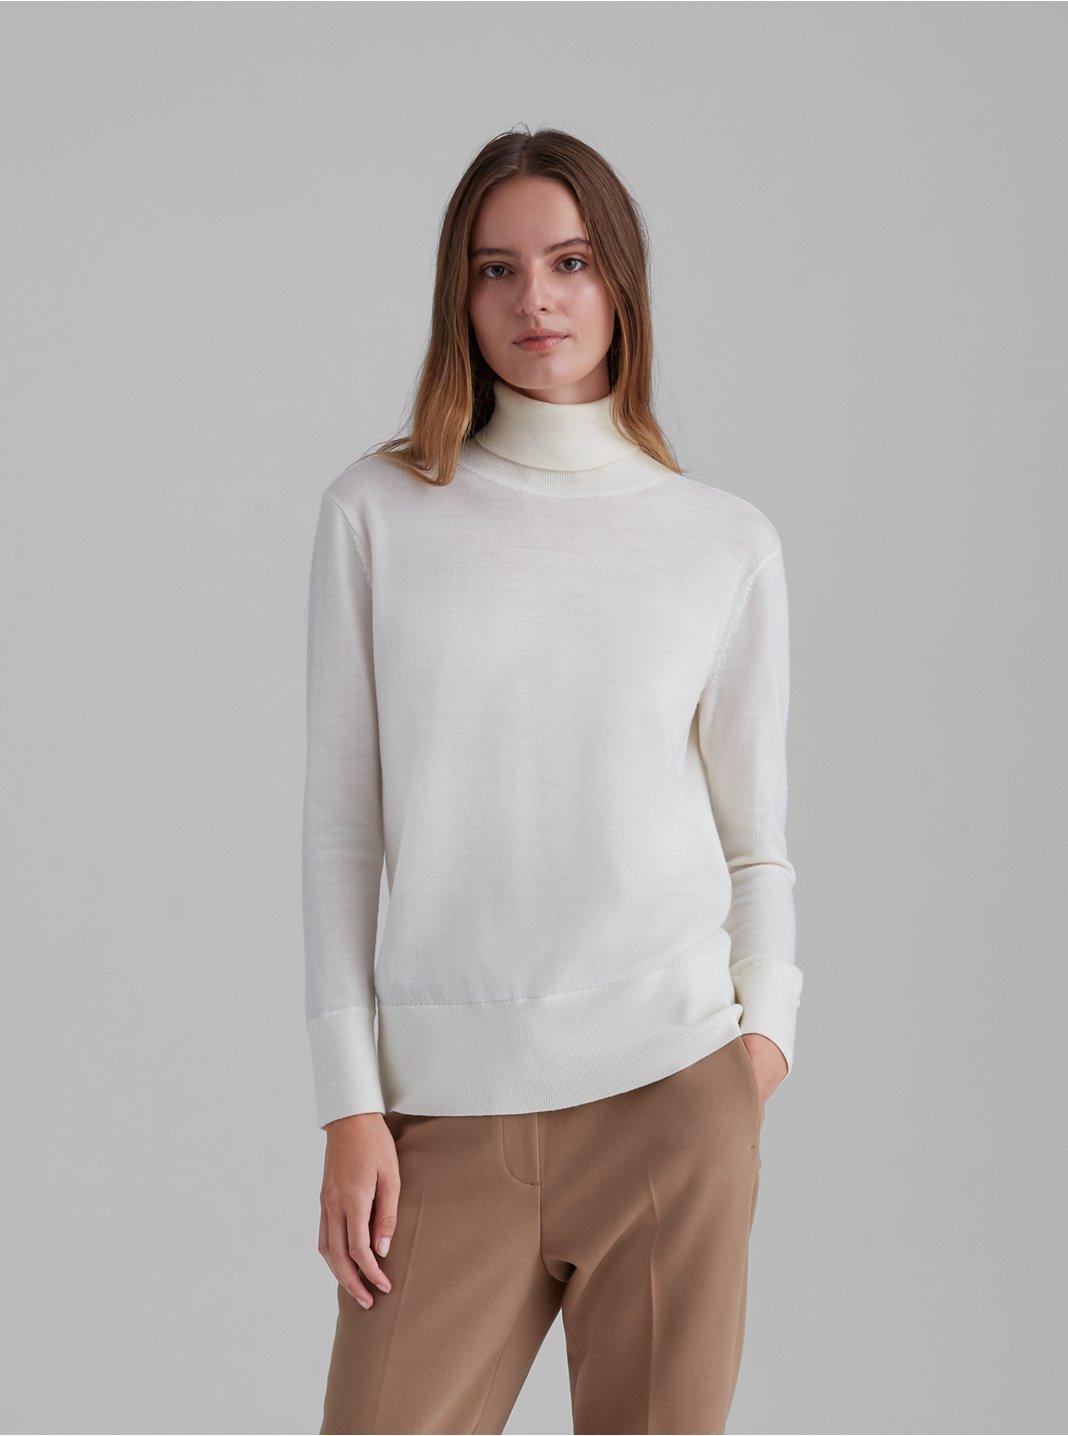 클럽 모나코 에센셜 메리노울 터틀넥 스웨터 - 아이보리 Club Monaco Essential Merino Wool Turtleneck 562003